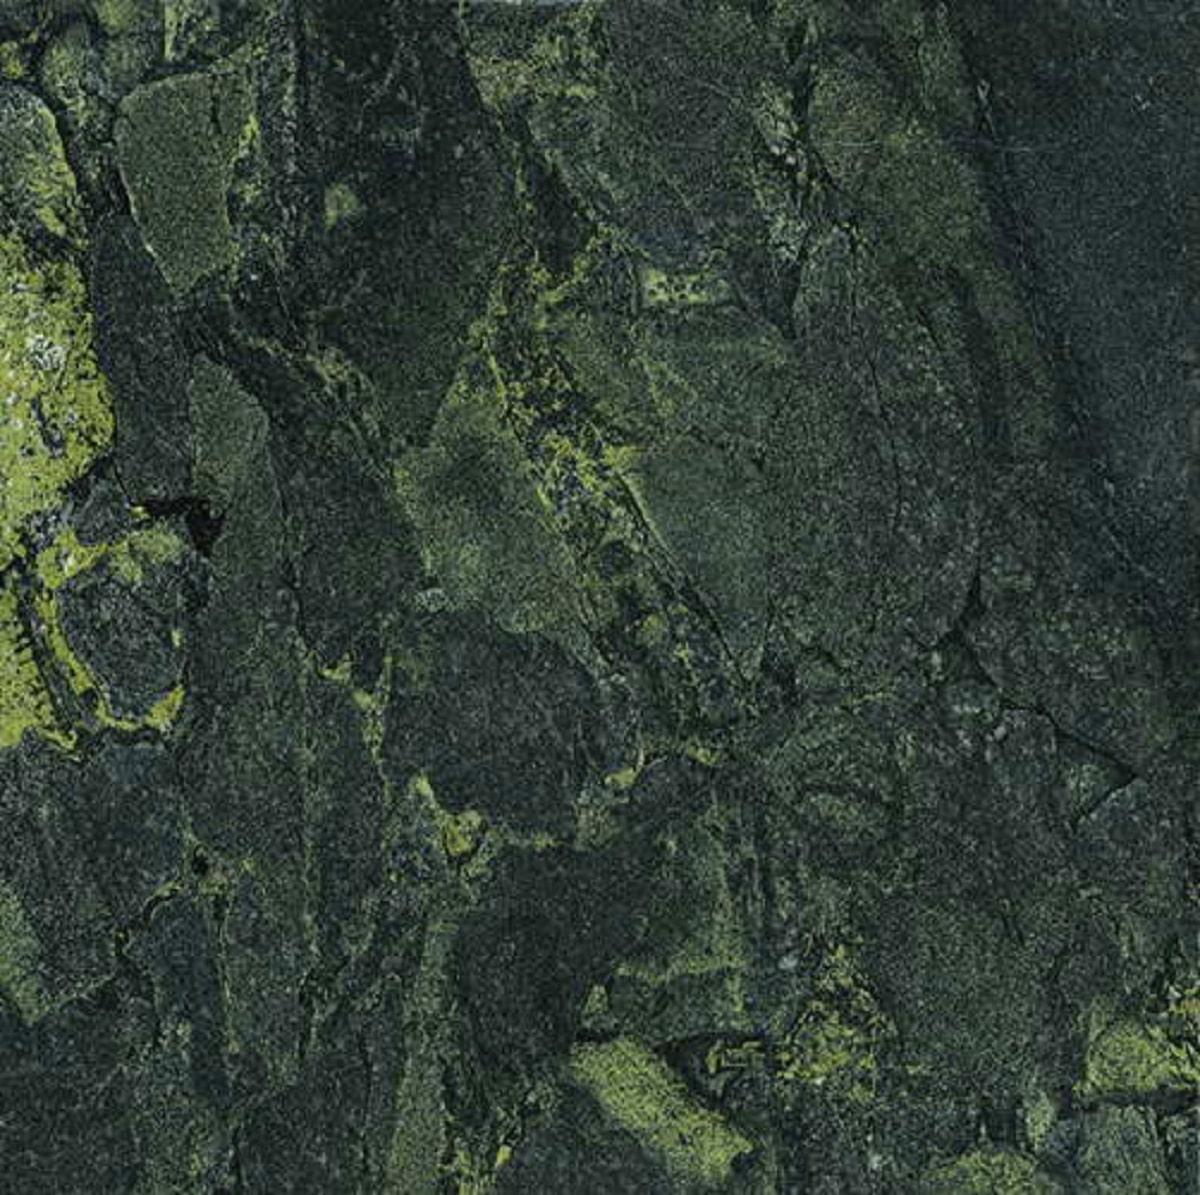 بررسی کامل سنگ گرانیت جنگلی - استوارسازان